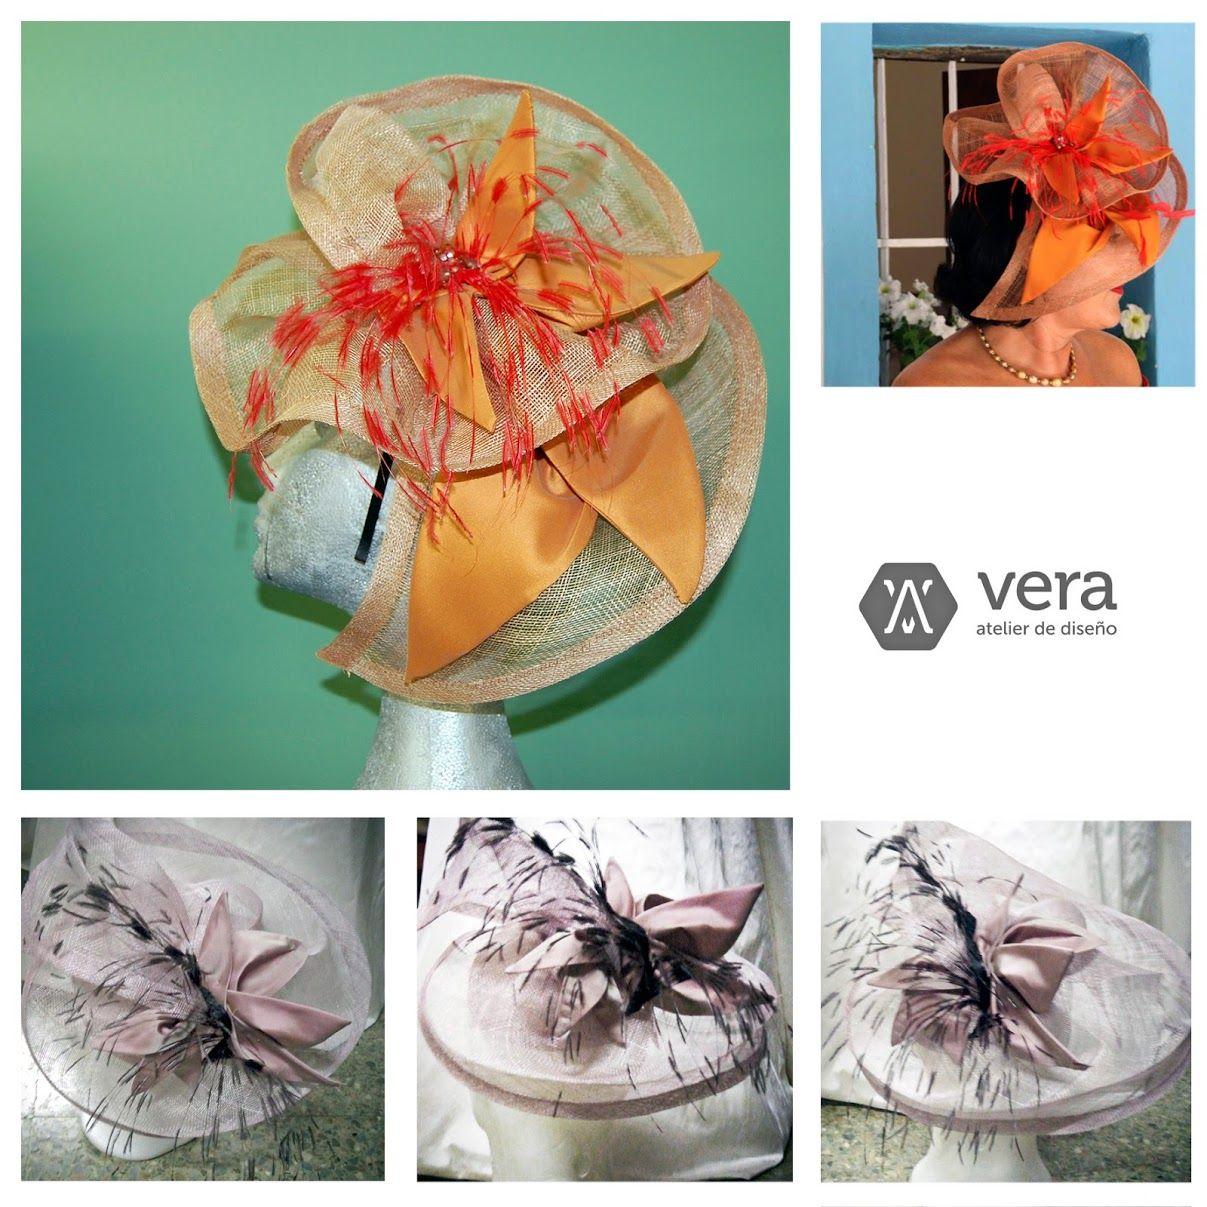 Vera Atelier - Badenes Vera  Google+  c454767ae02